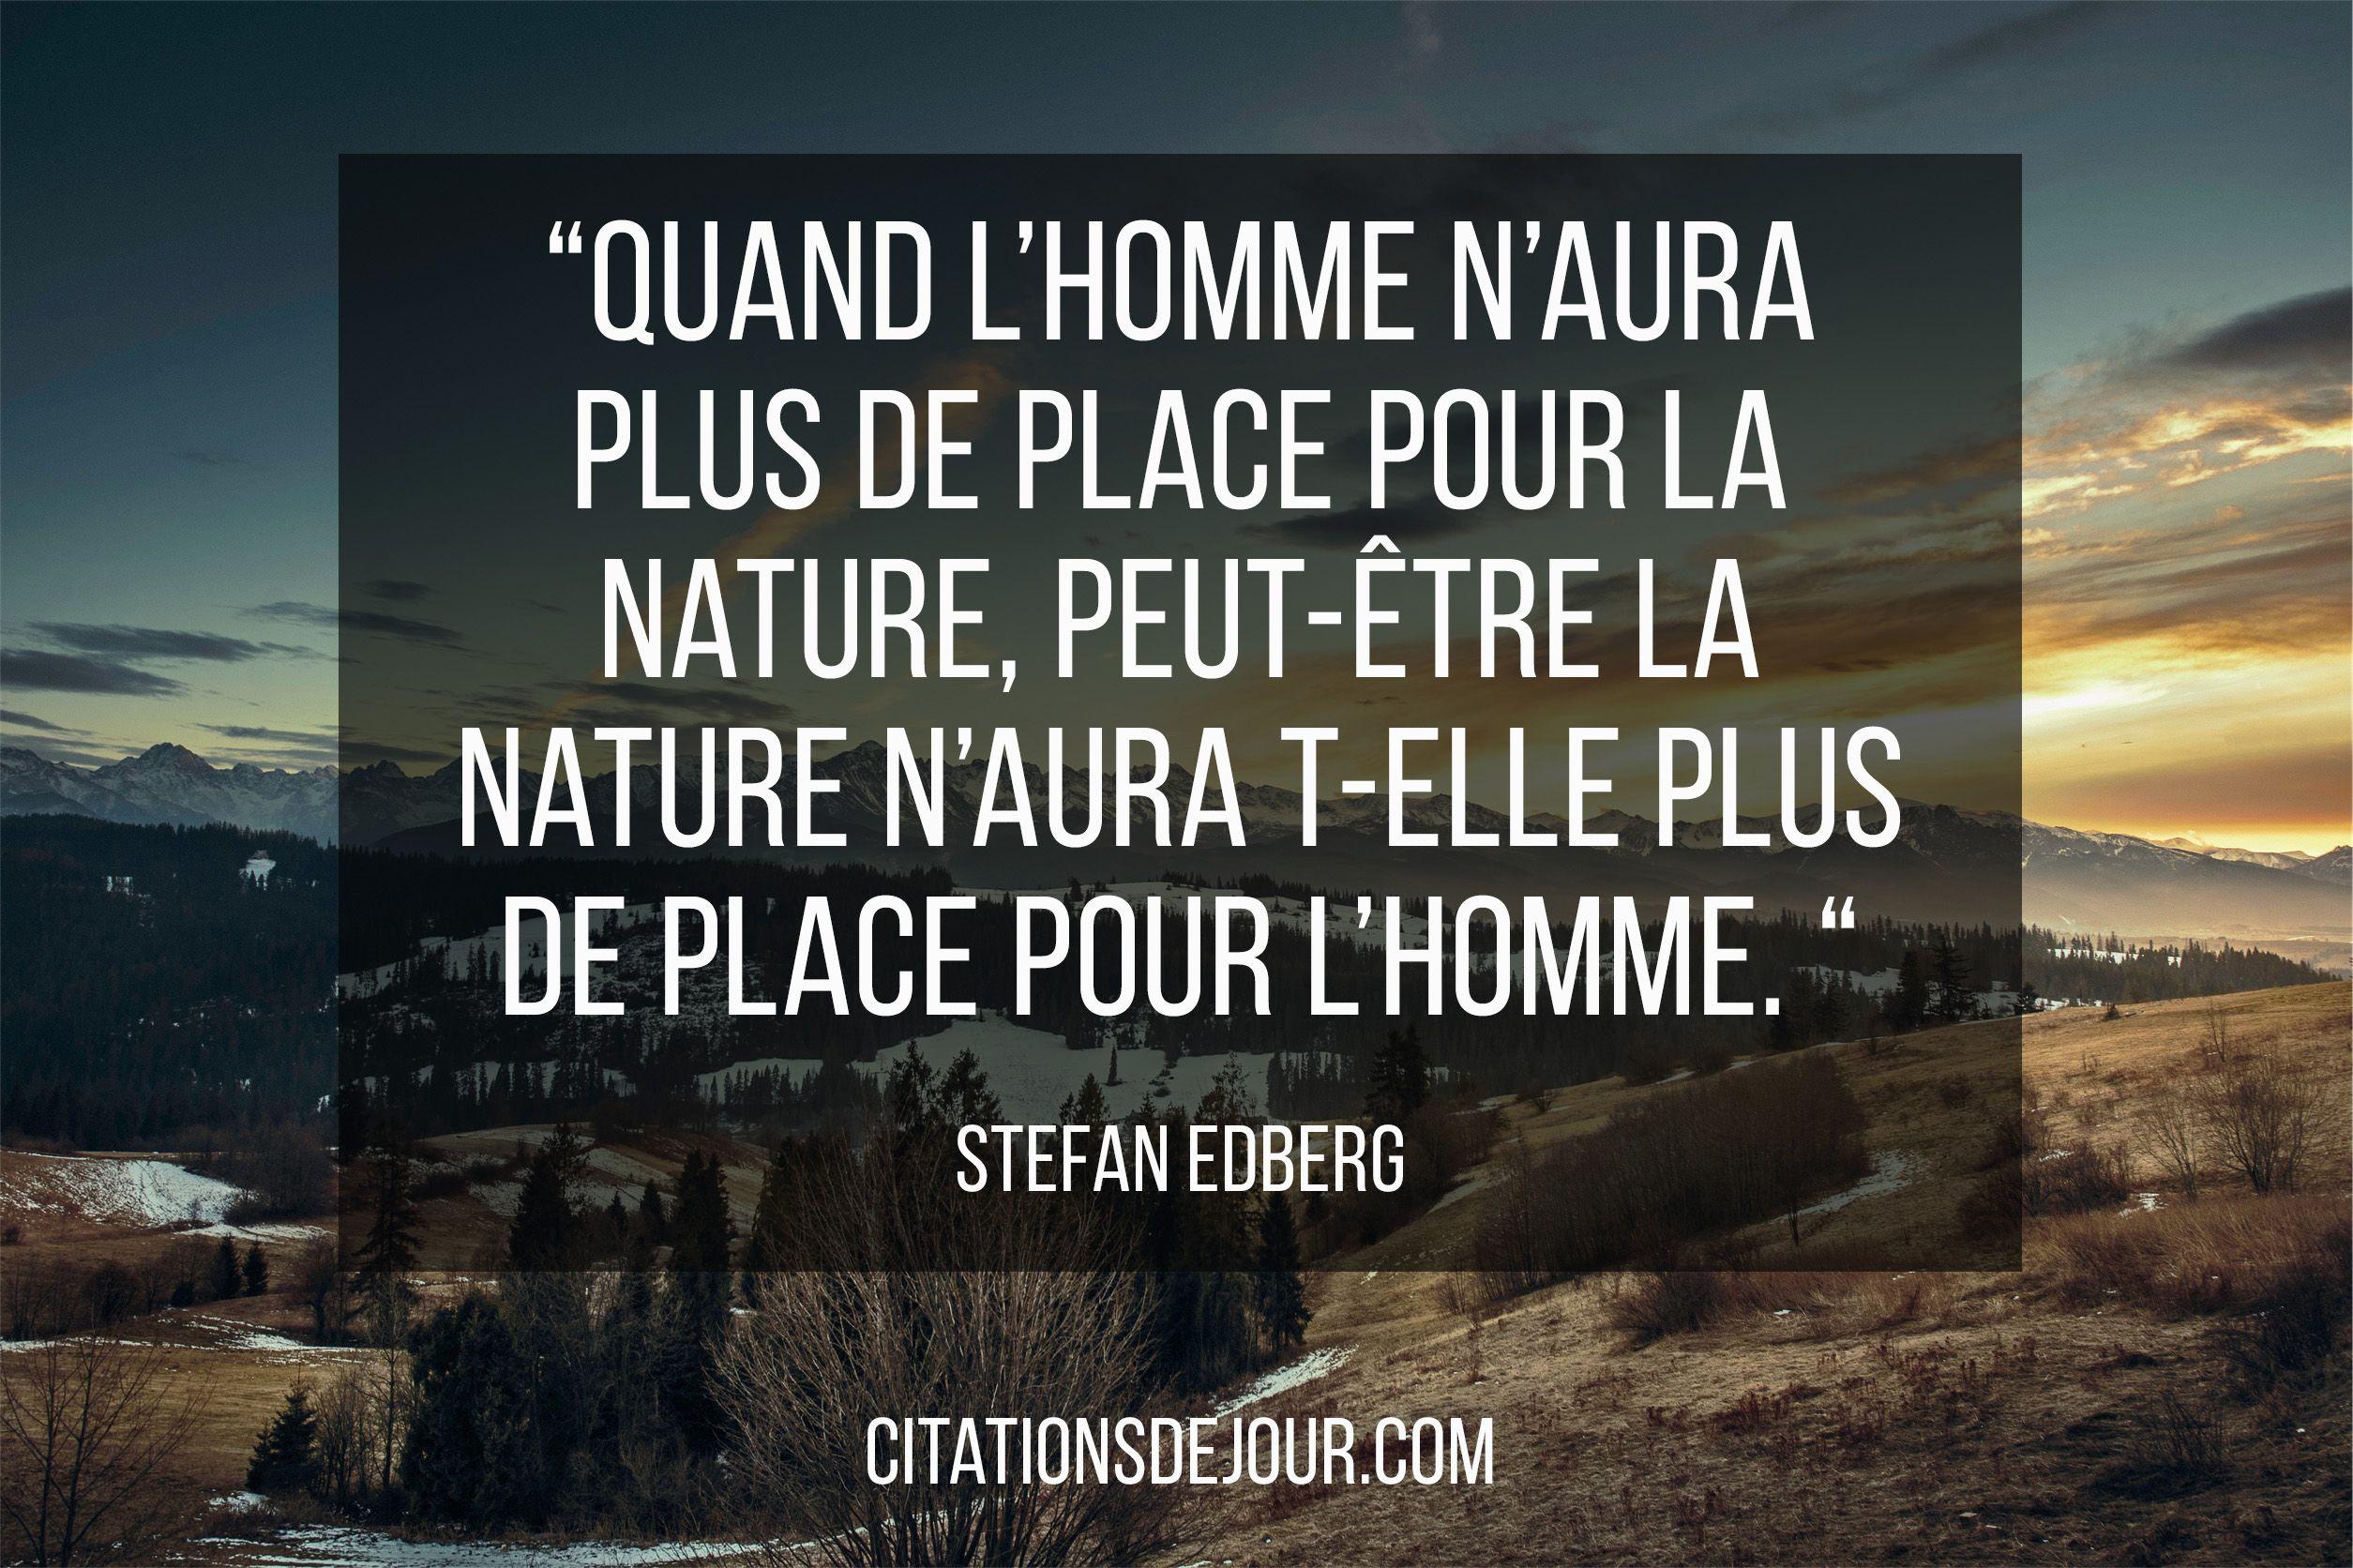 citation sur la nautre de stefan edberg citations pinterest nature et lieux. Black Bedroom Furniture Sets. Home Design Ideas